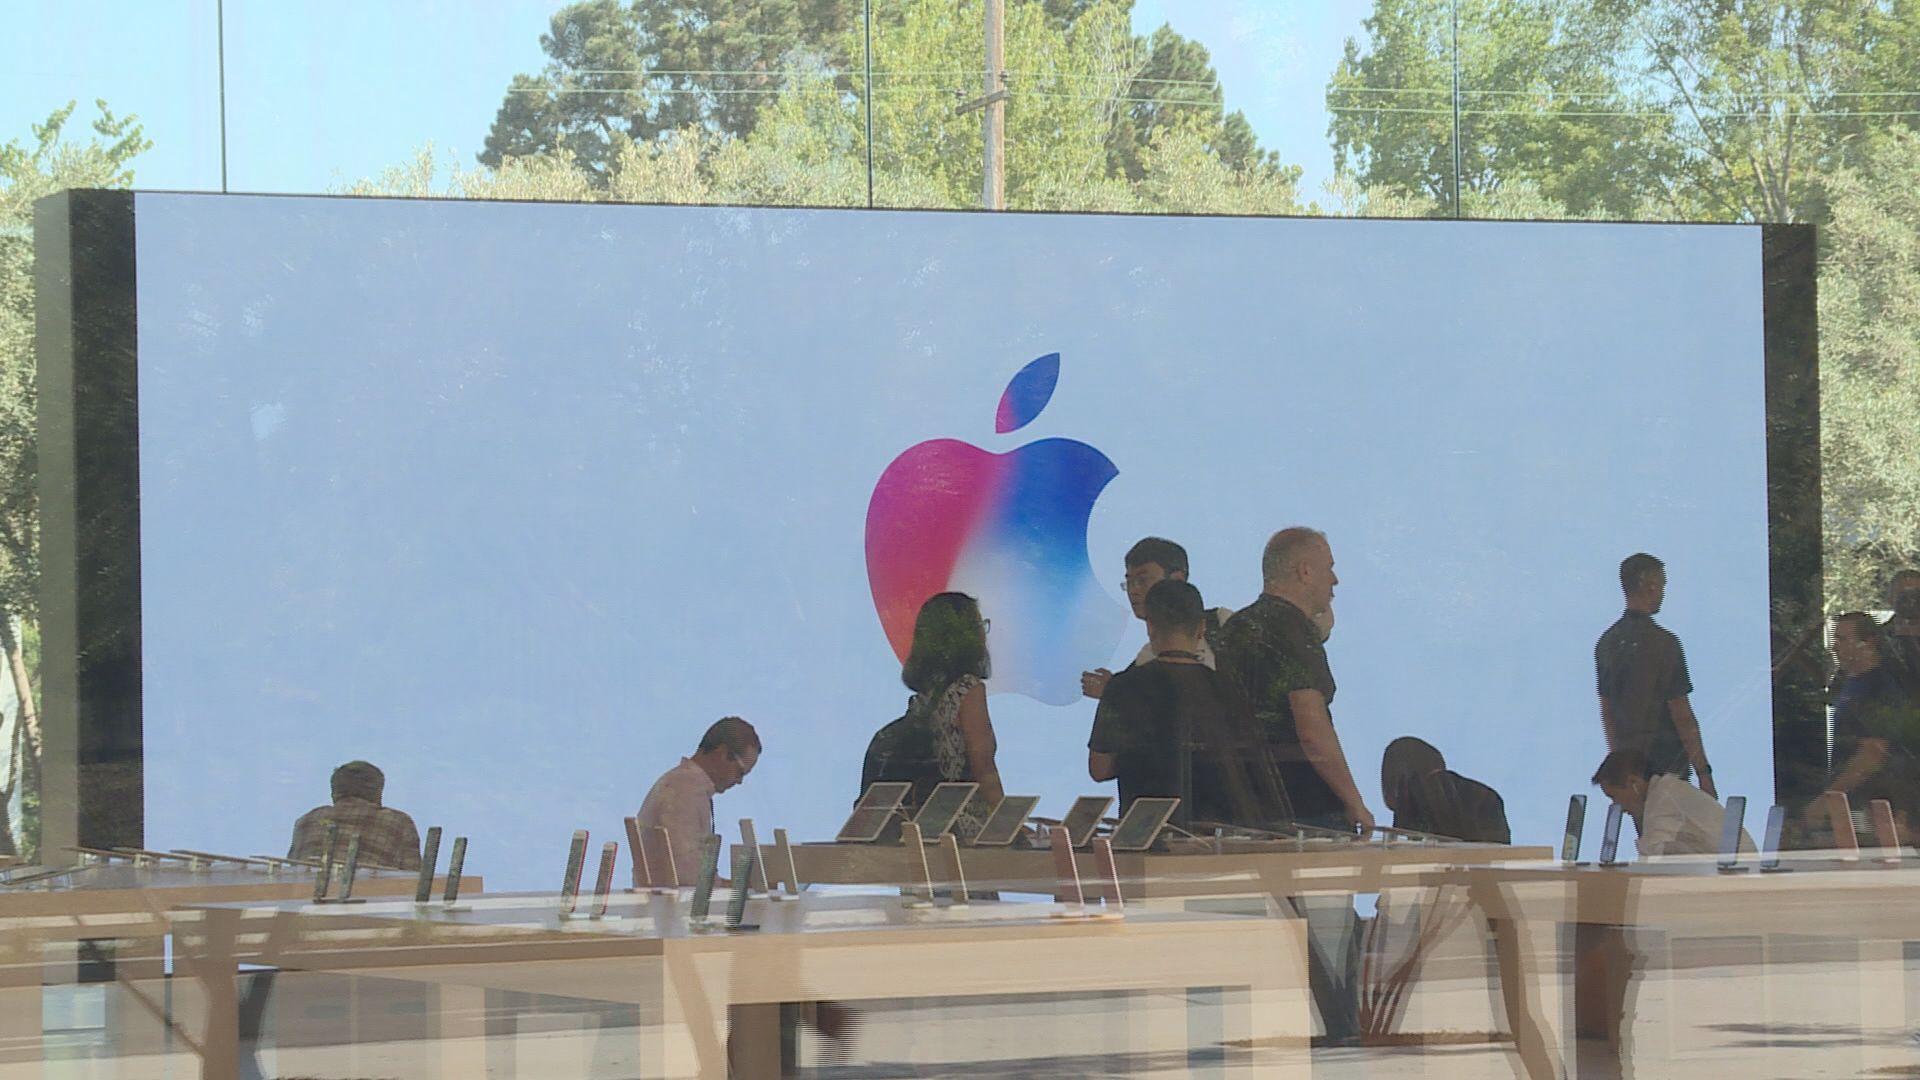 【盈利展望遜預期】蘋果:不確定能否生產出足夠新產品